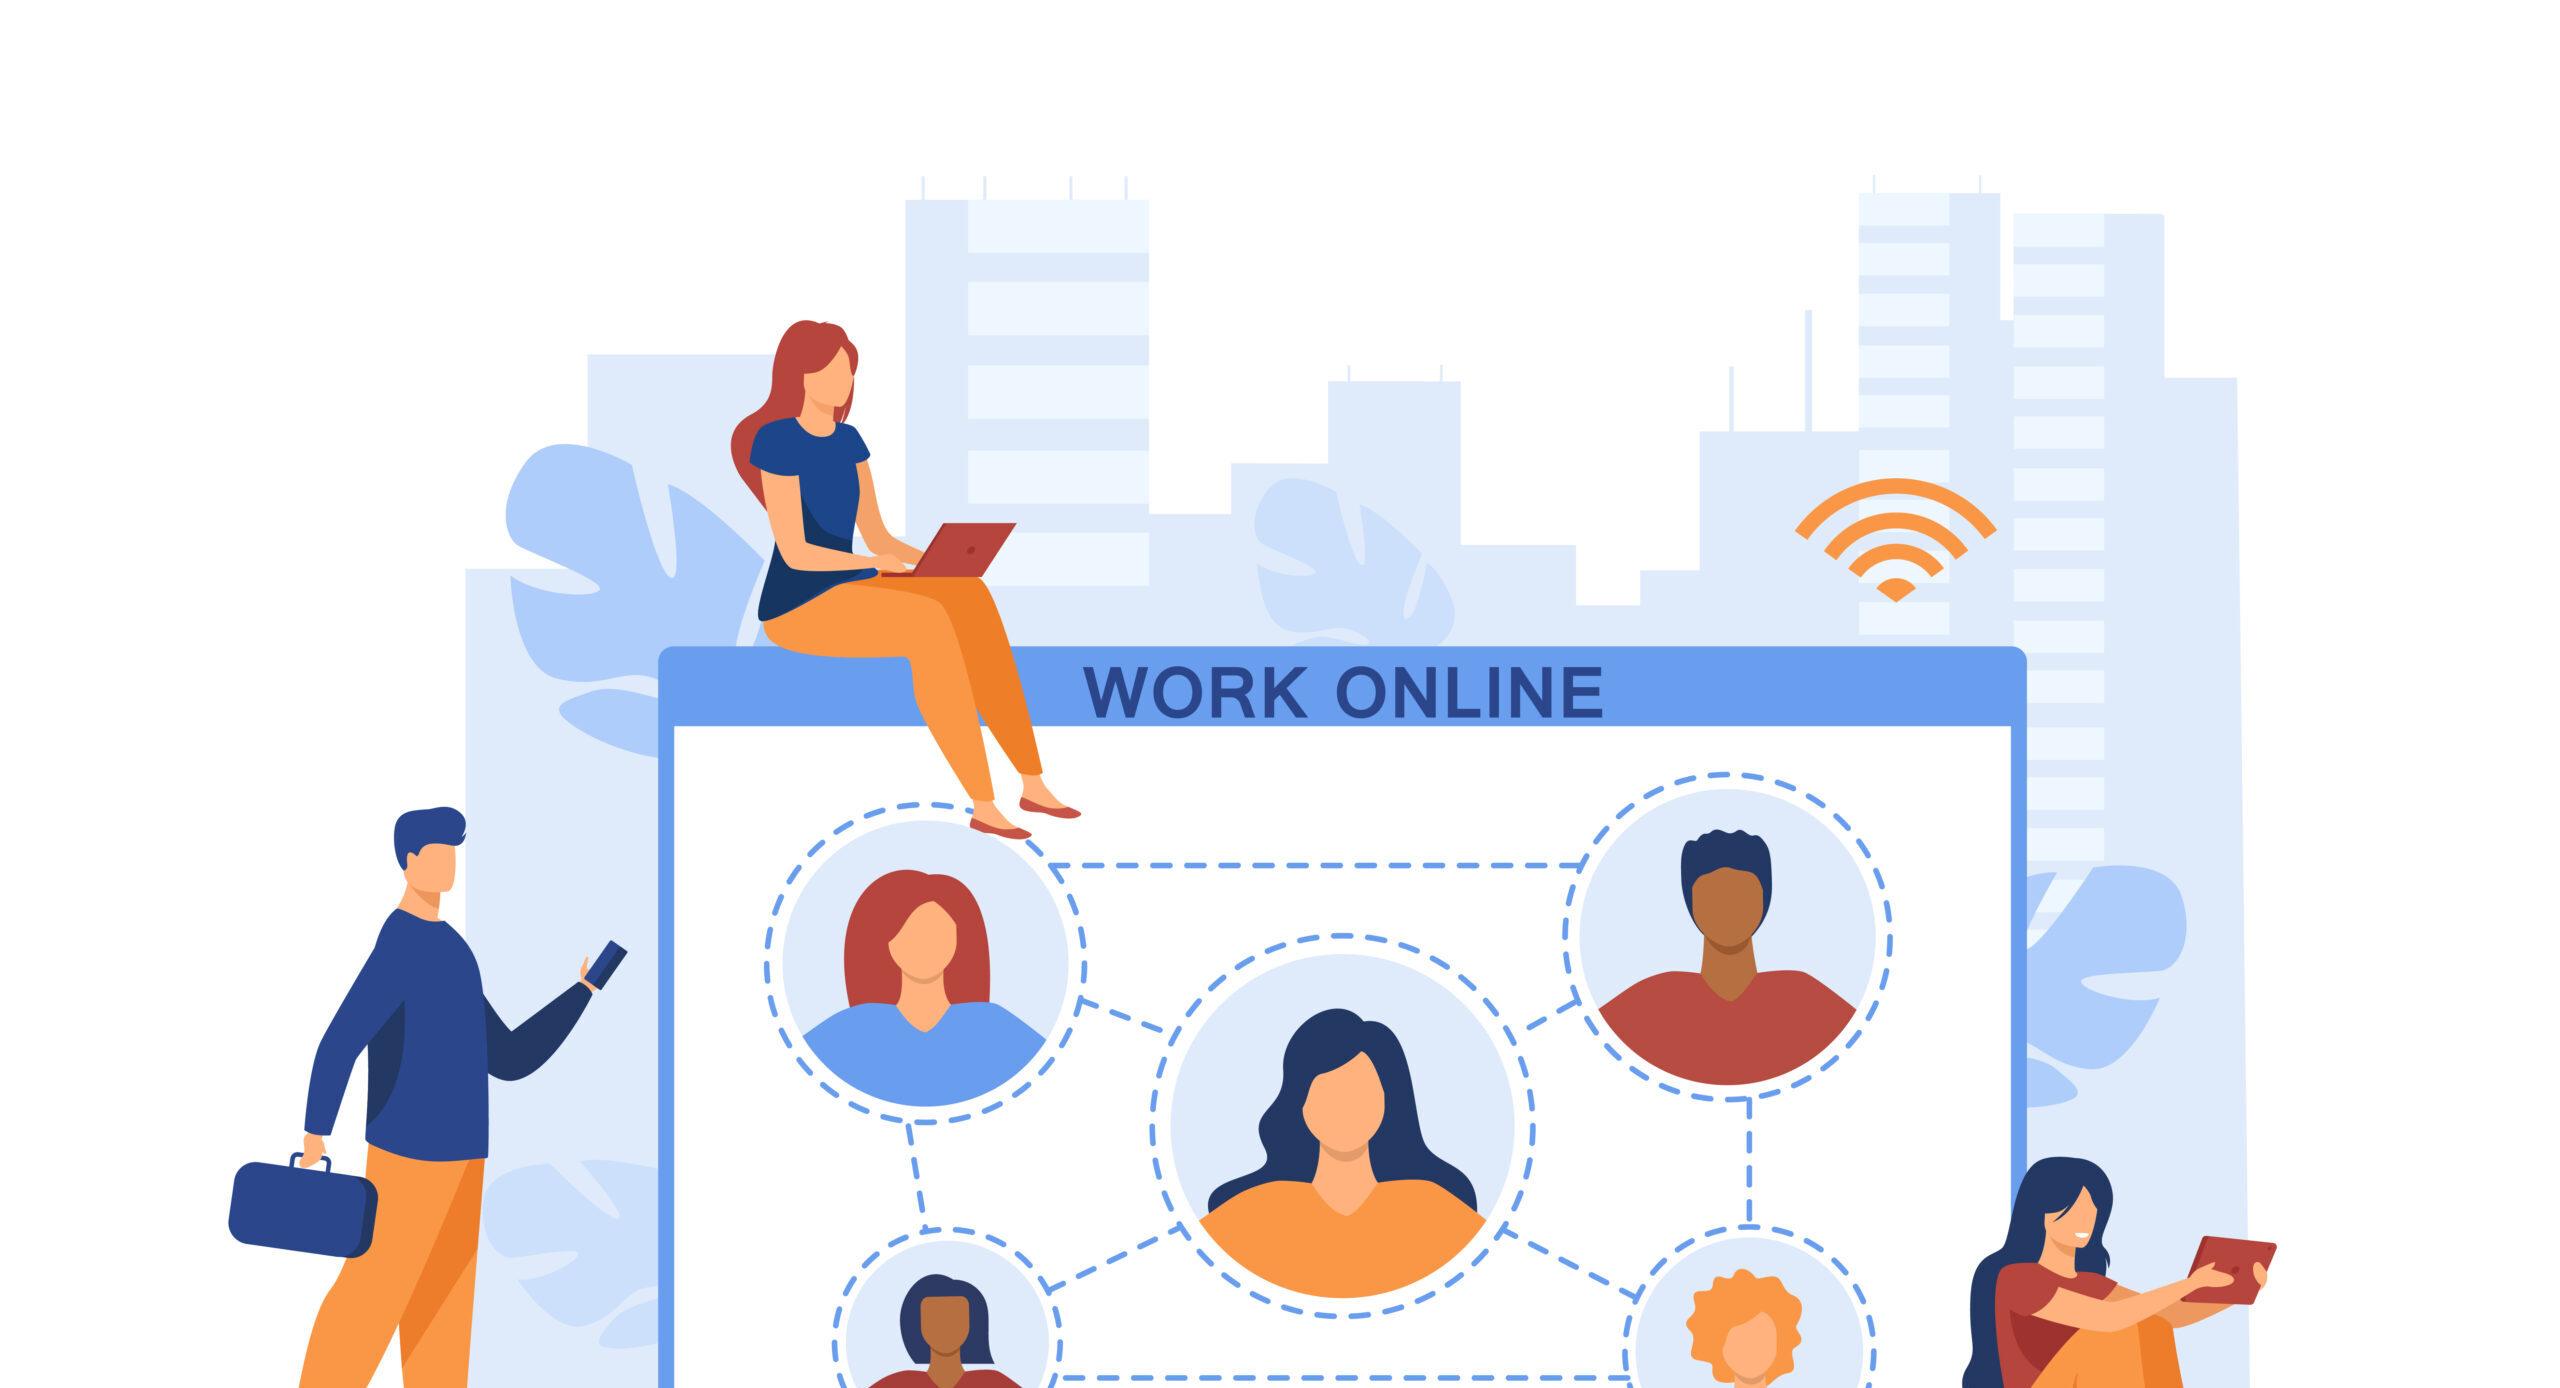 Làm việc từ xa: những khó khăn đặt ra và giải pháp cho doanh nghiệp